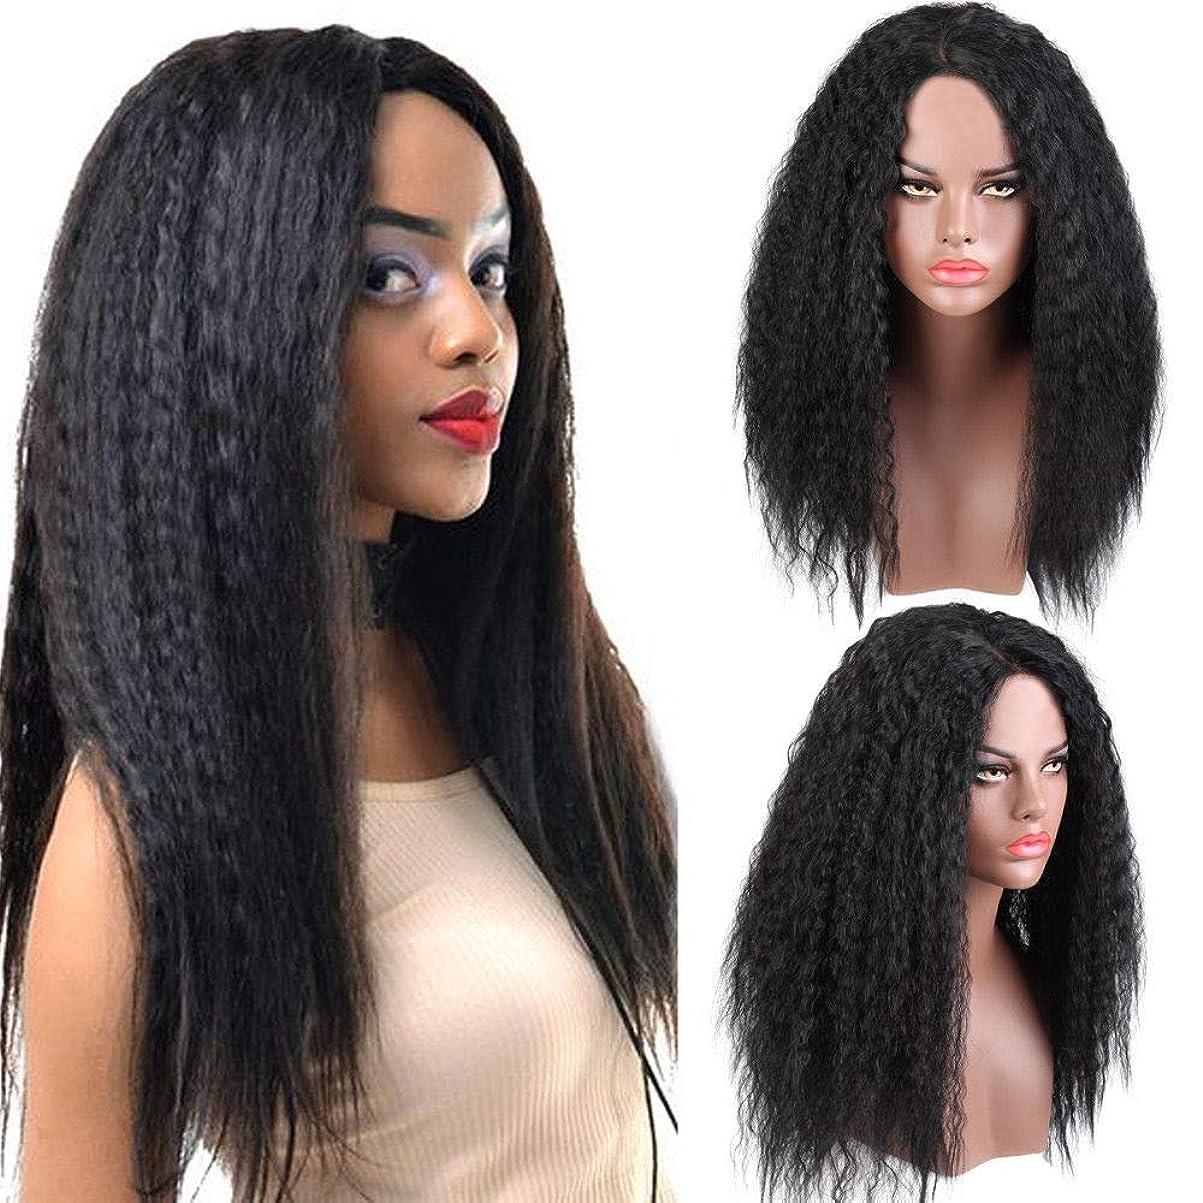 お香ヒゲスポットブラジルのレースフロント人毛ウィッグ女性180%密度本物の髪黒レースかつらで赤ん坊の毛髪自然な生え際24インチ